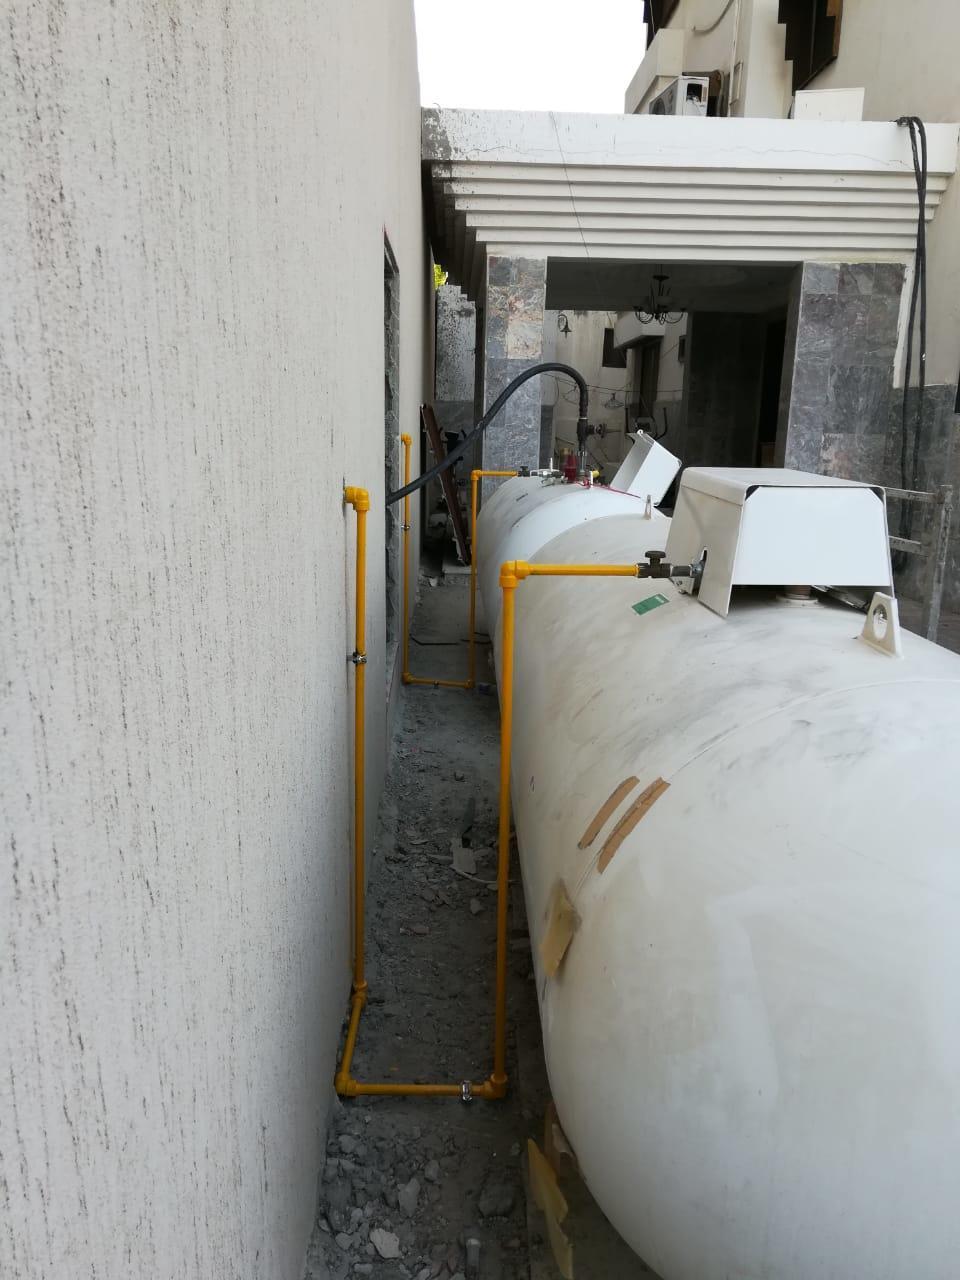 تمديدات الغاز المركزي وصيانتها ونضام الأمان